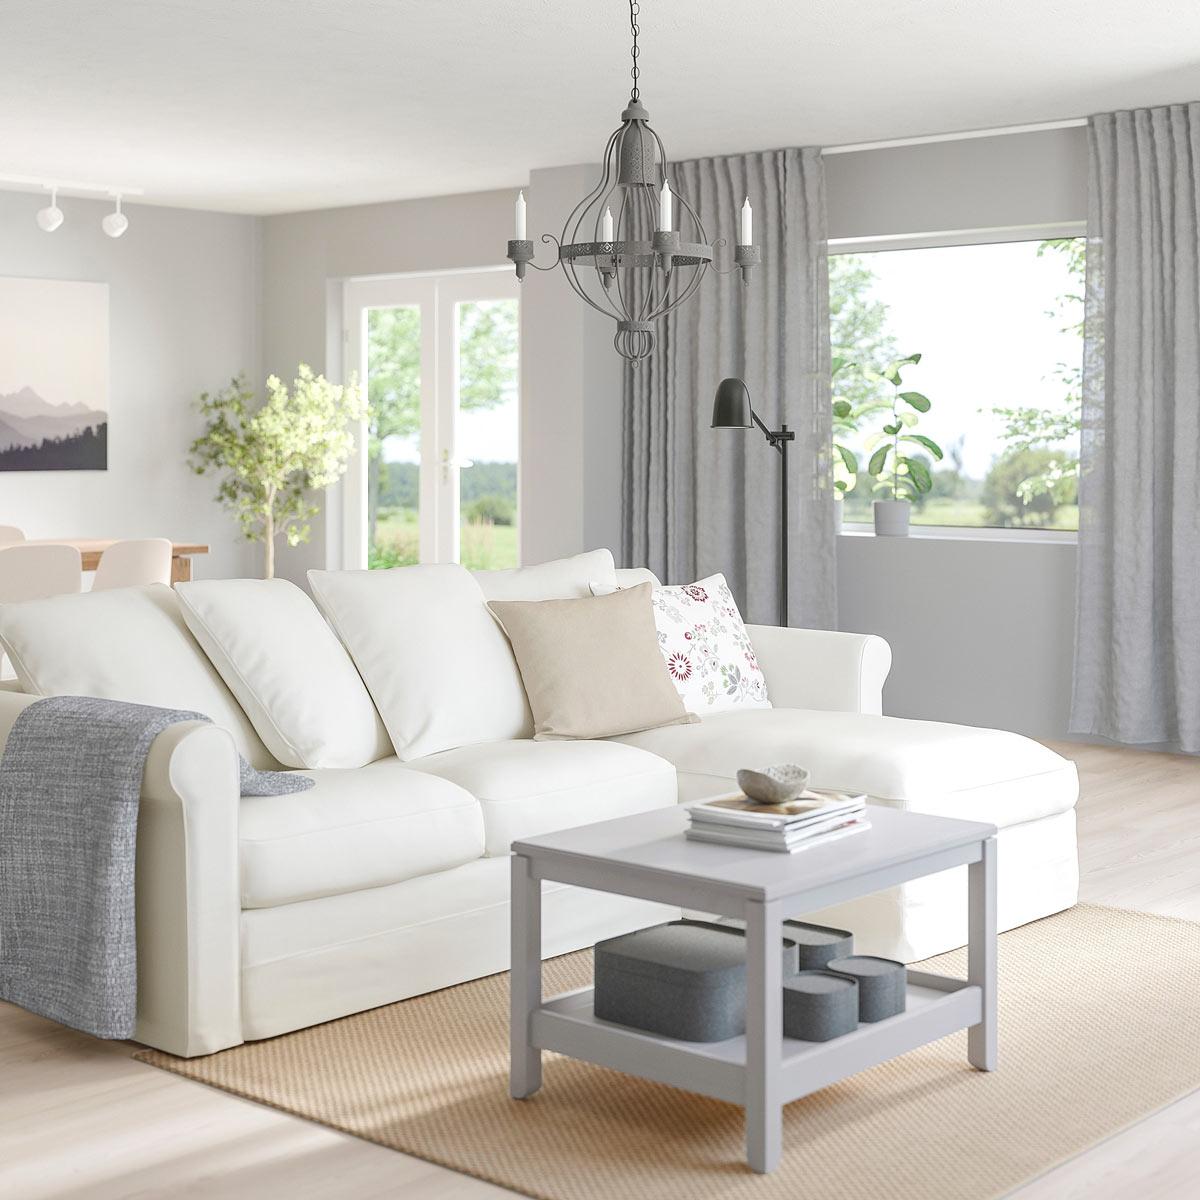 GRÖNLID, divano IKEA bianco con tavolino grigio.